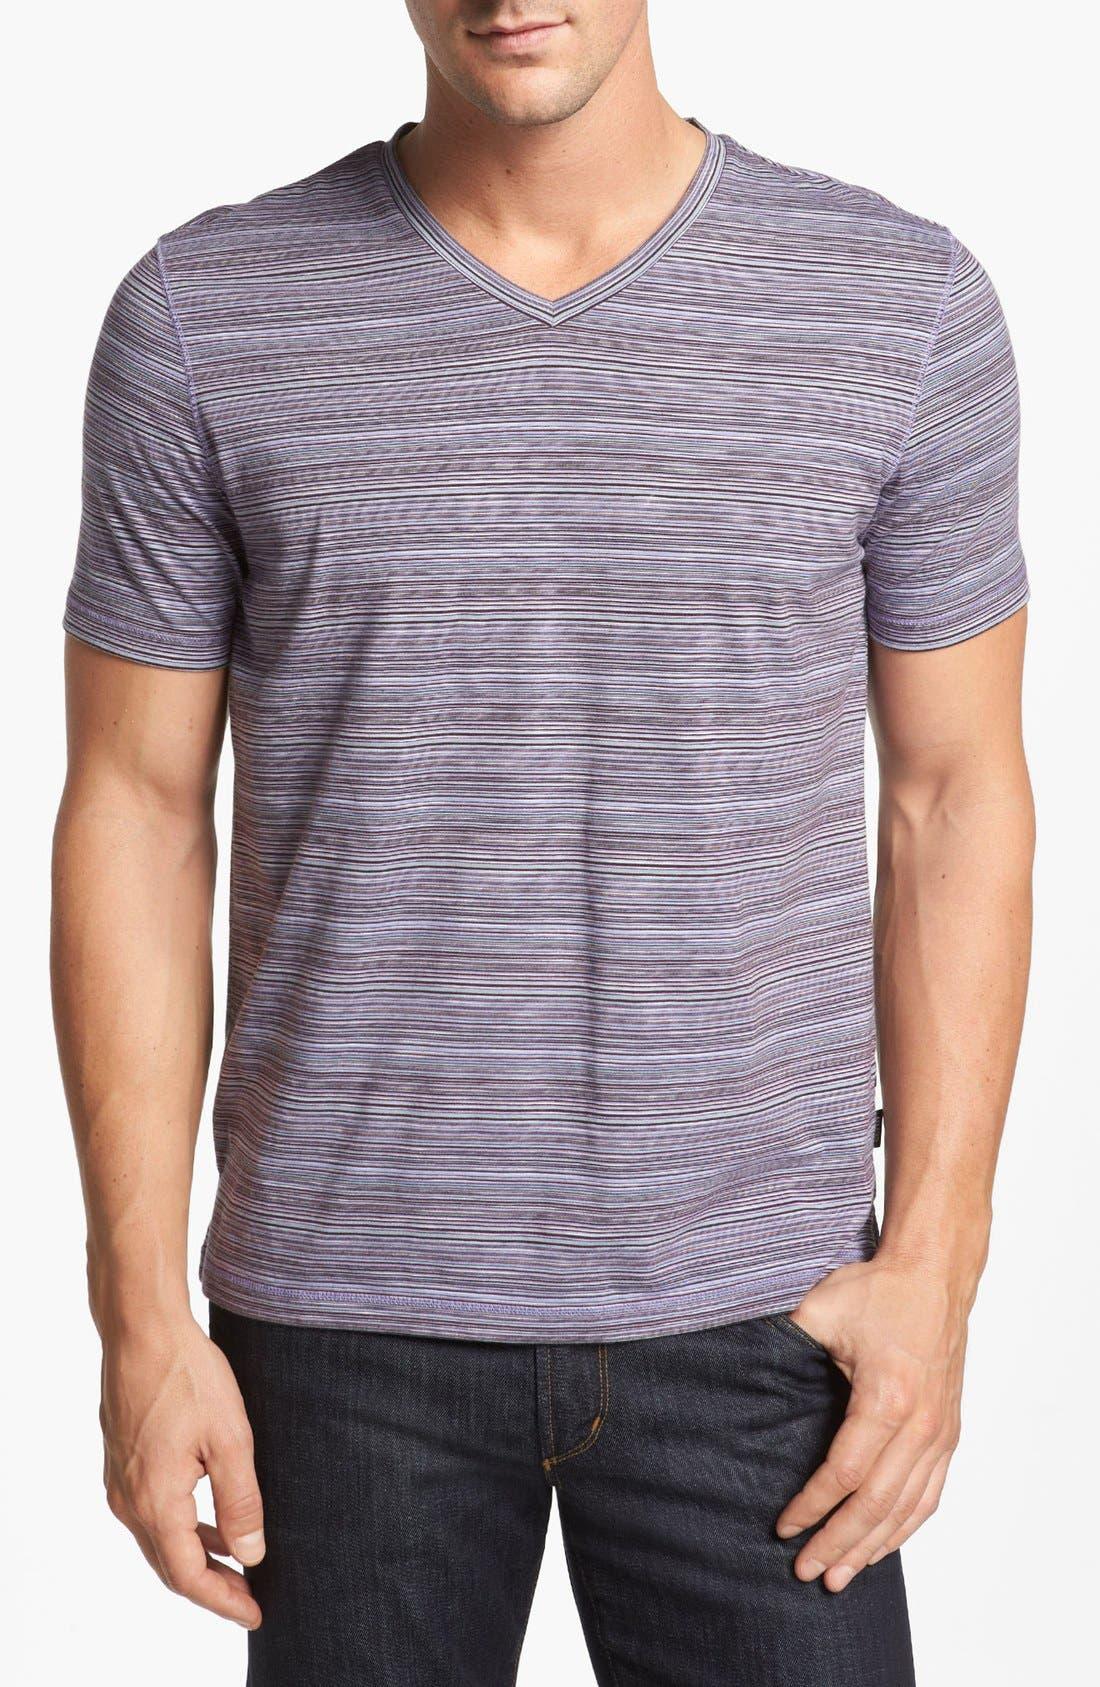 Alternate Image 1 Selected - BOSS HUGO BOSS 'Canistro' V-Neck T-Shirt